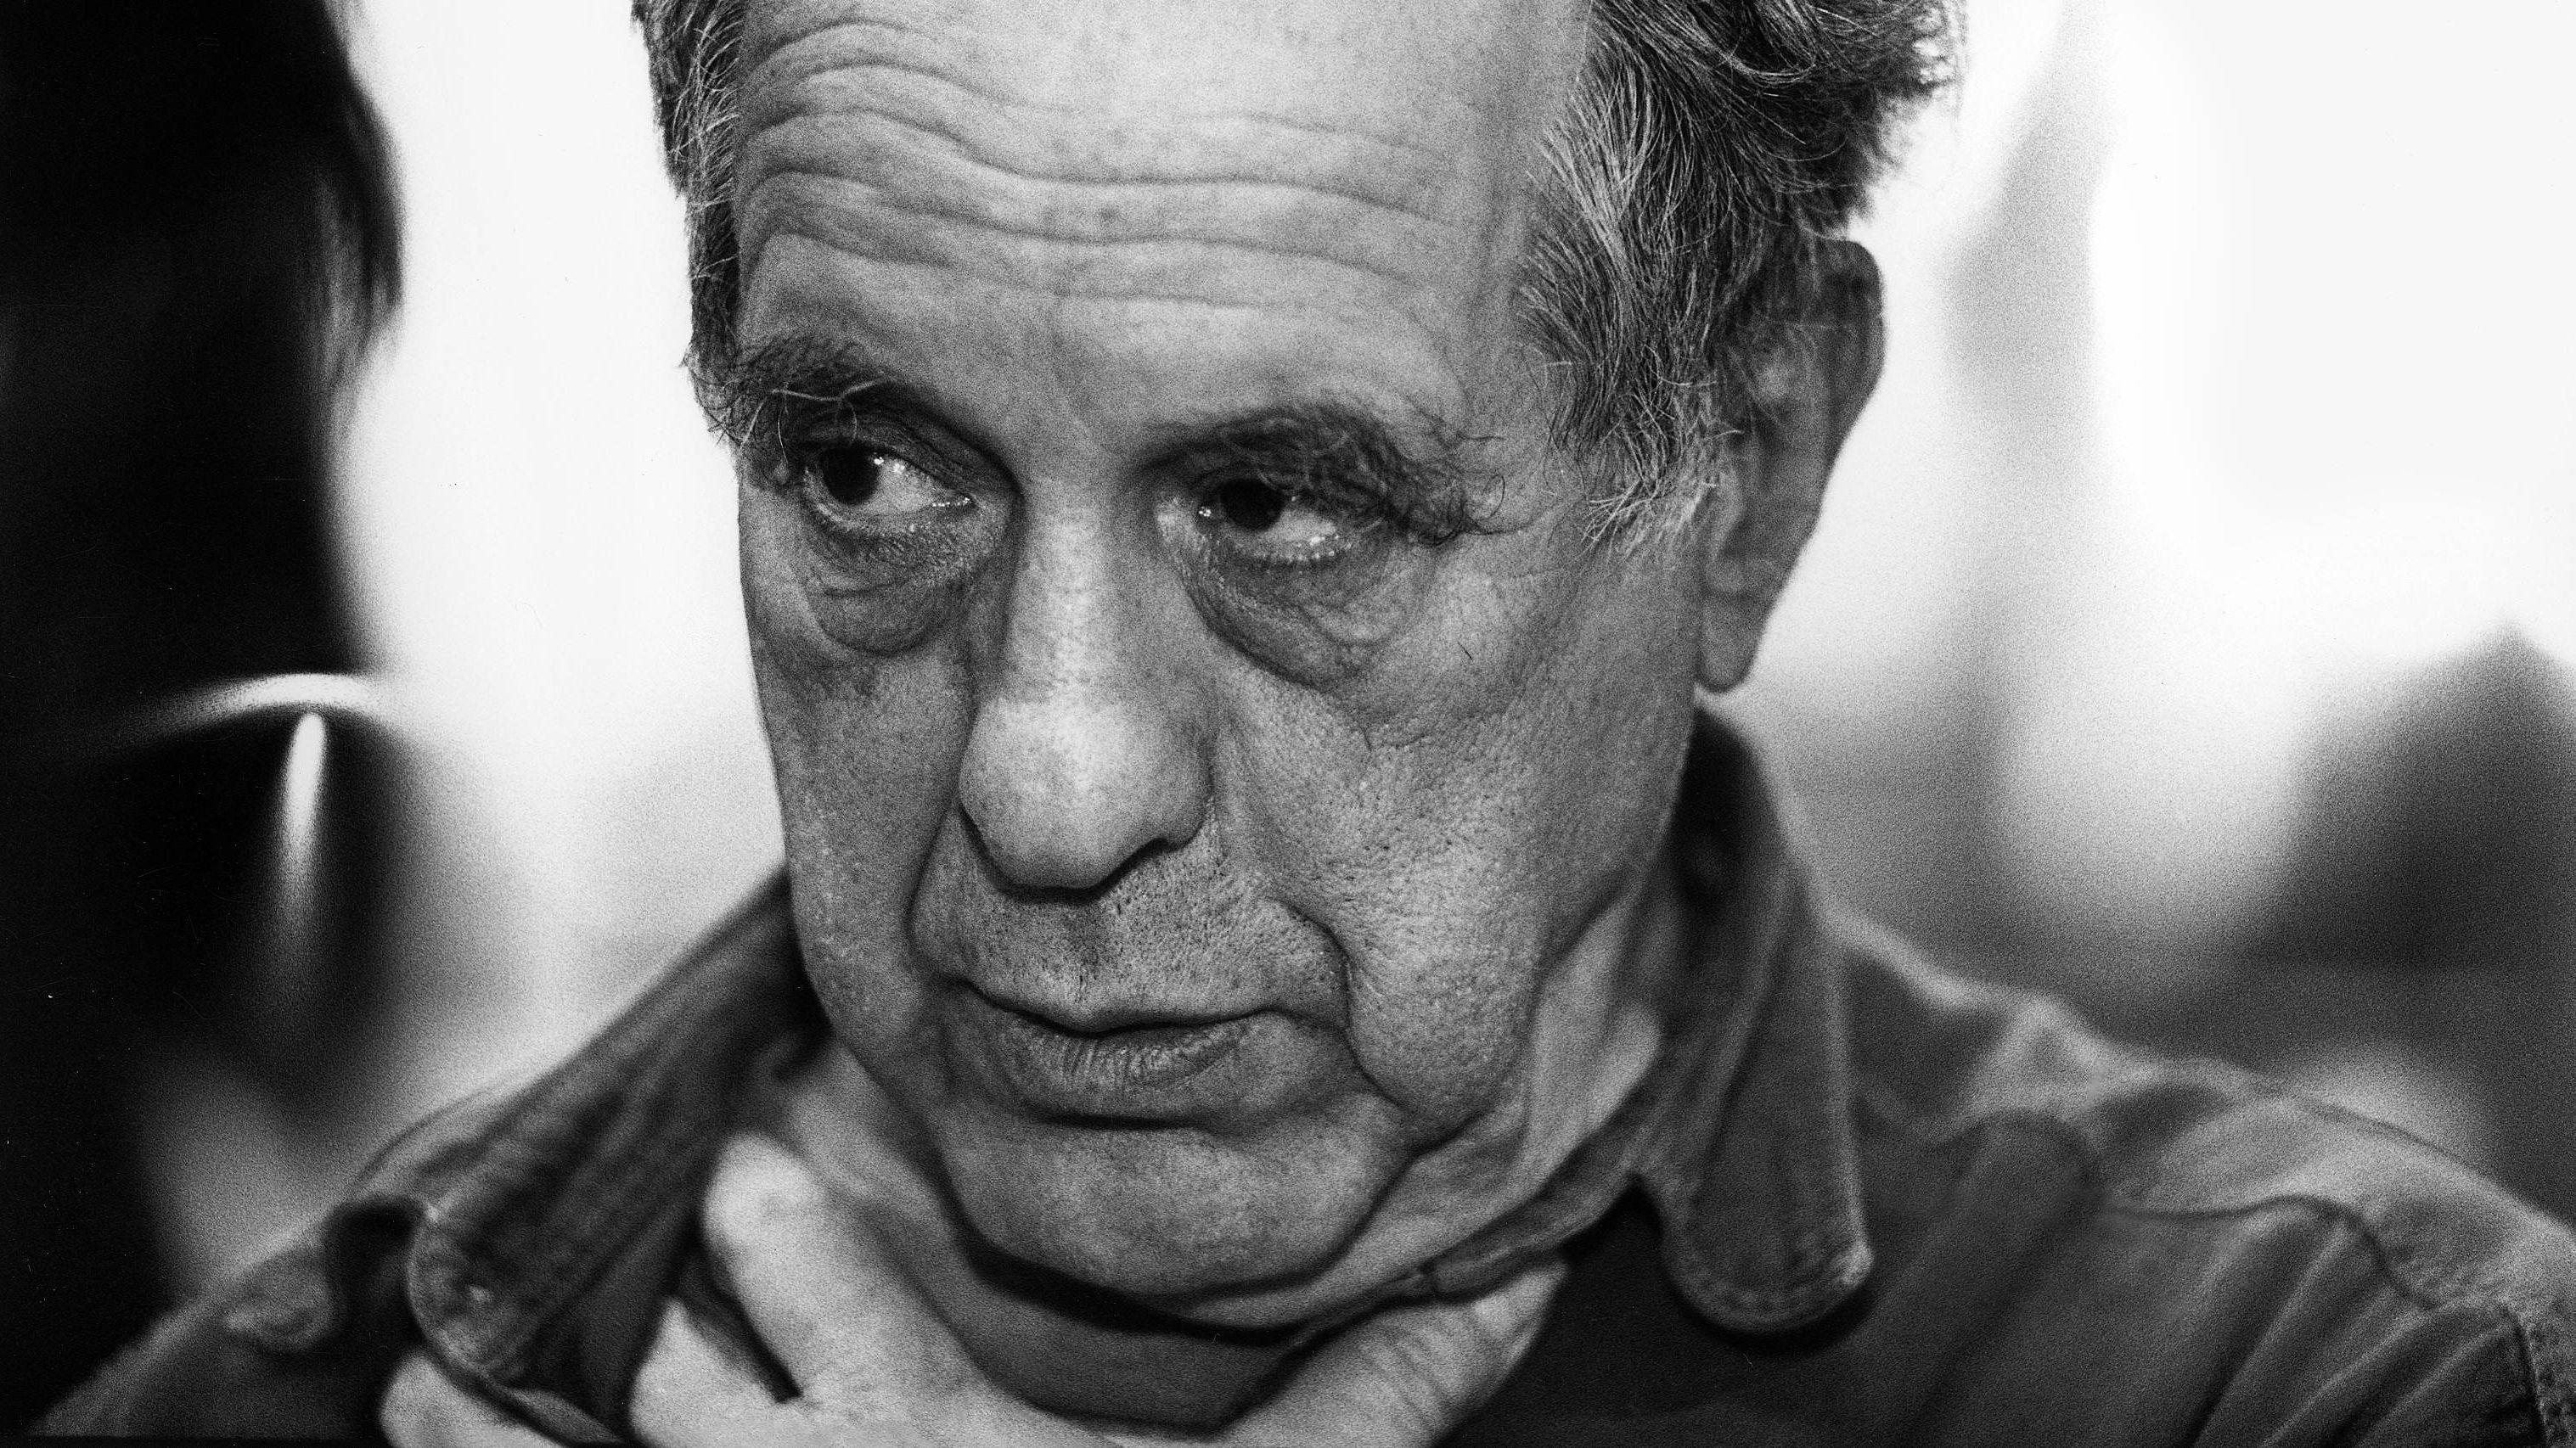 Schwarz-weißes Porträt von Robert Franks Gesicht